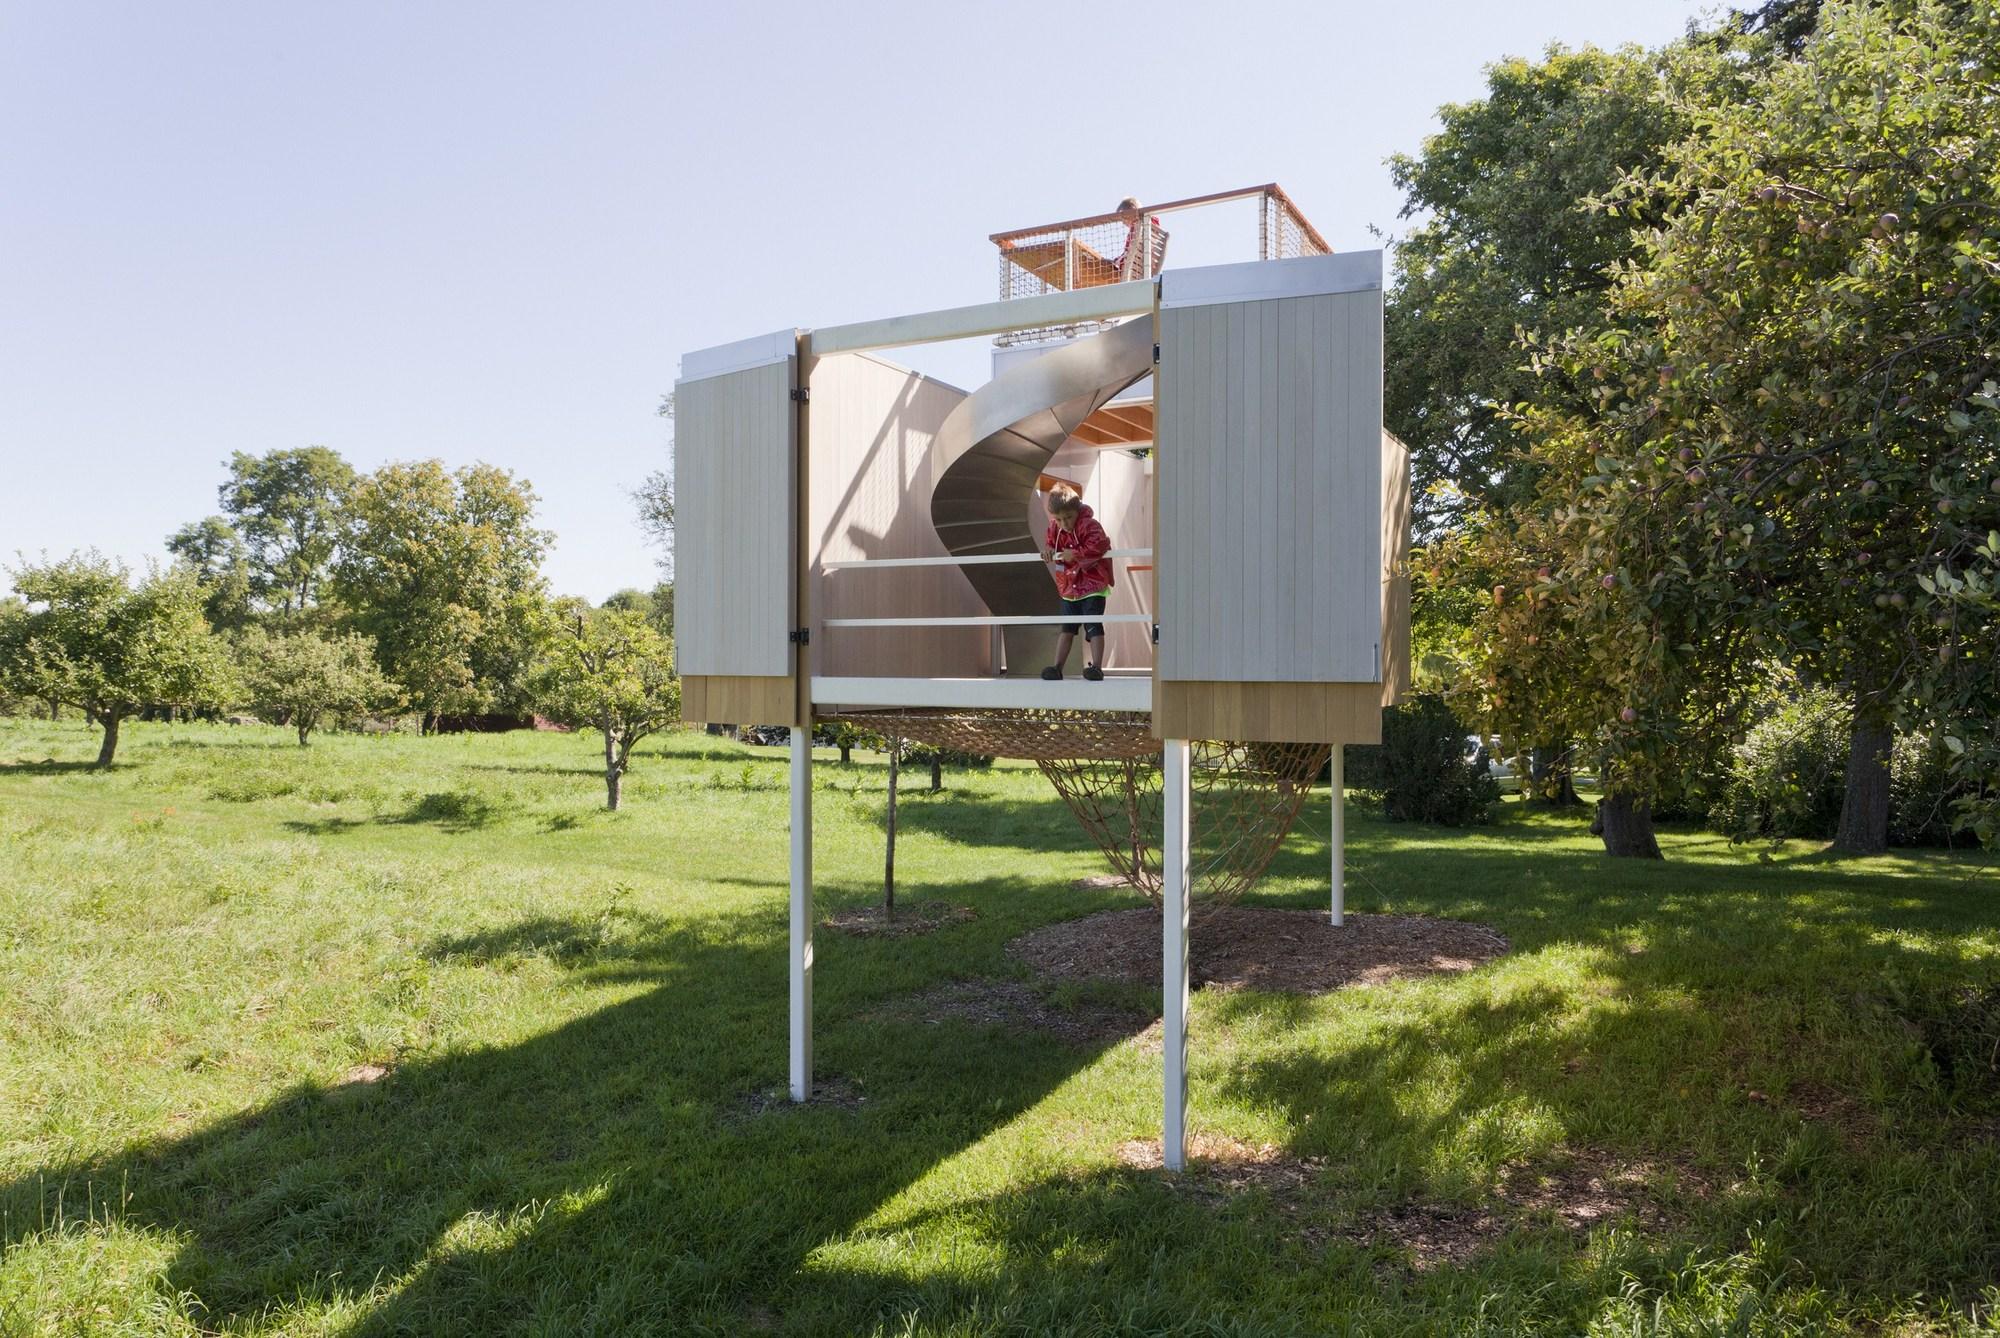 Casa del árbol Garrison / Sharon Davis Design